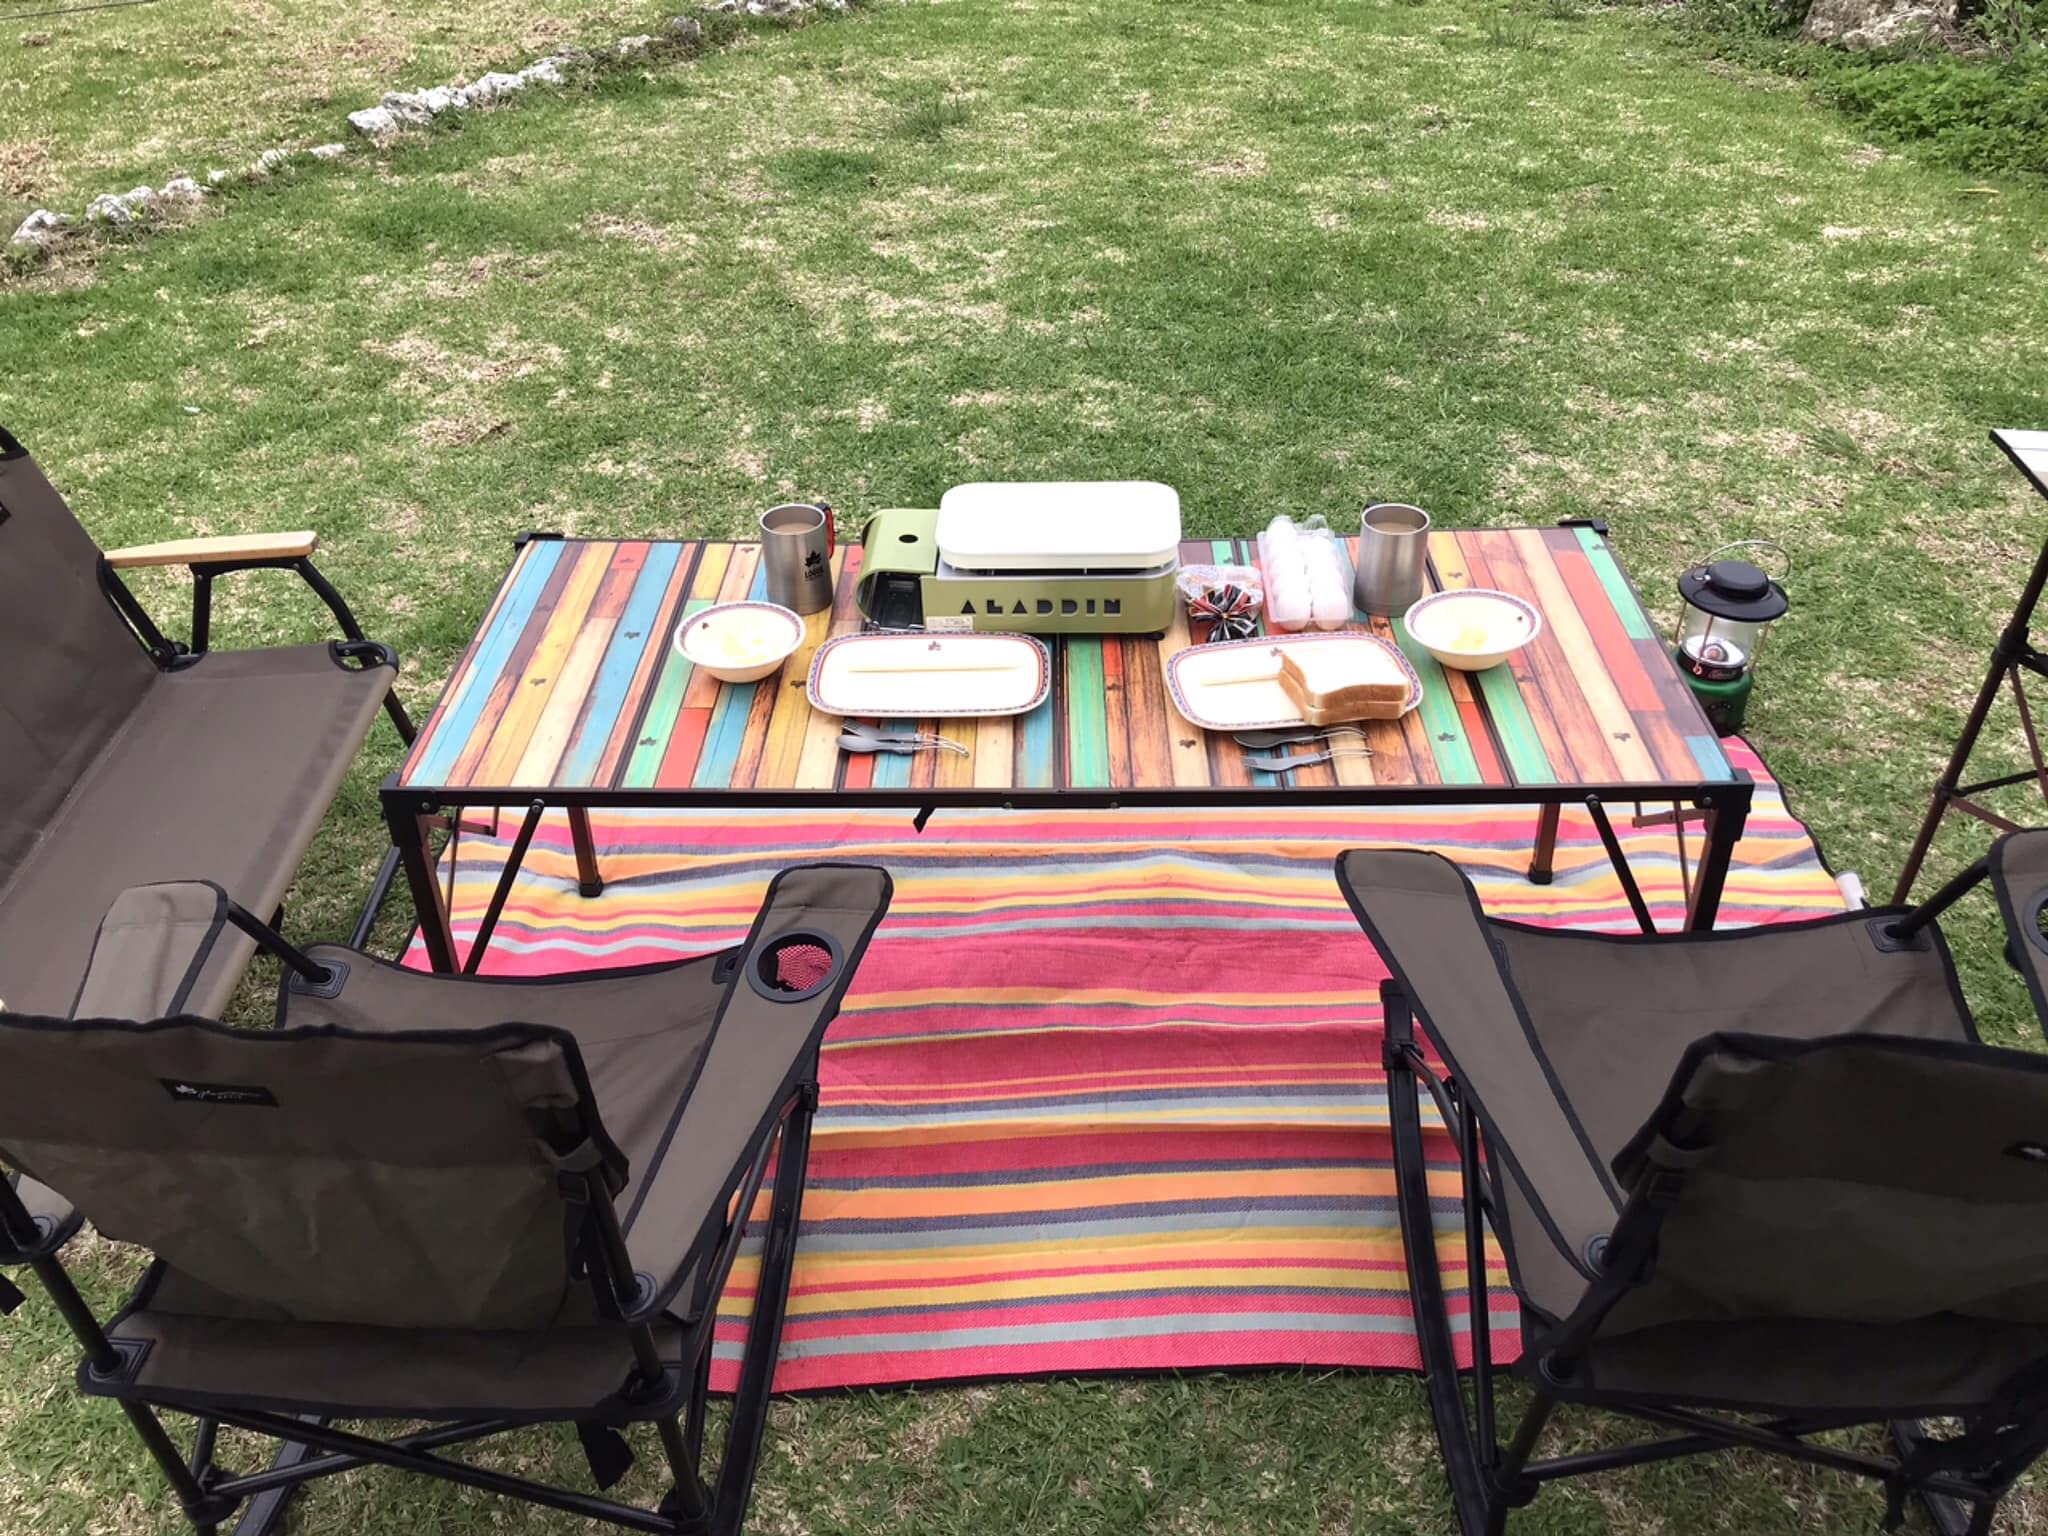 LOGOS社製のチェアー(2+1脚)テーブルなどの貸し出しも可能です。